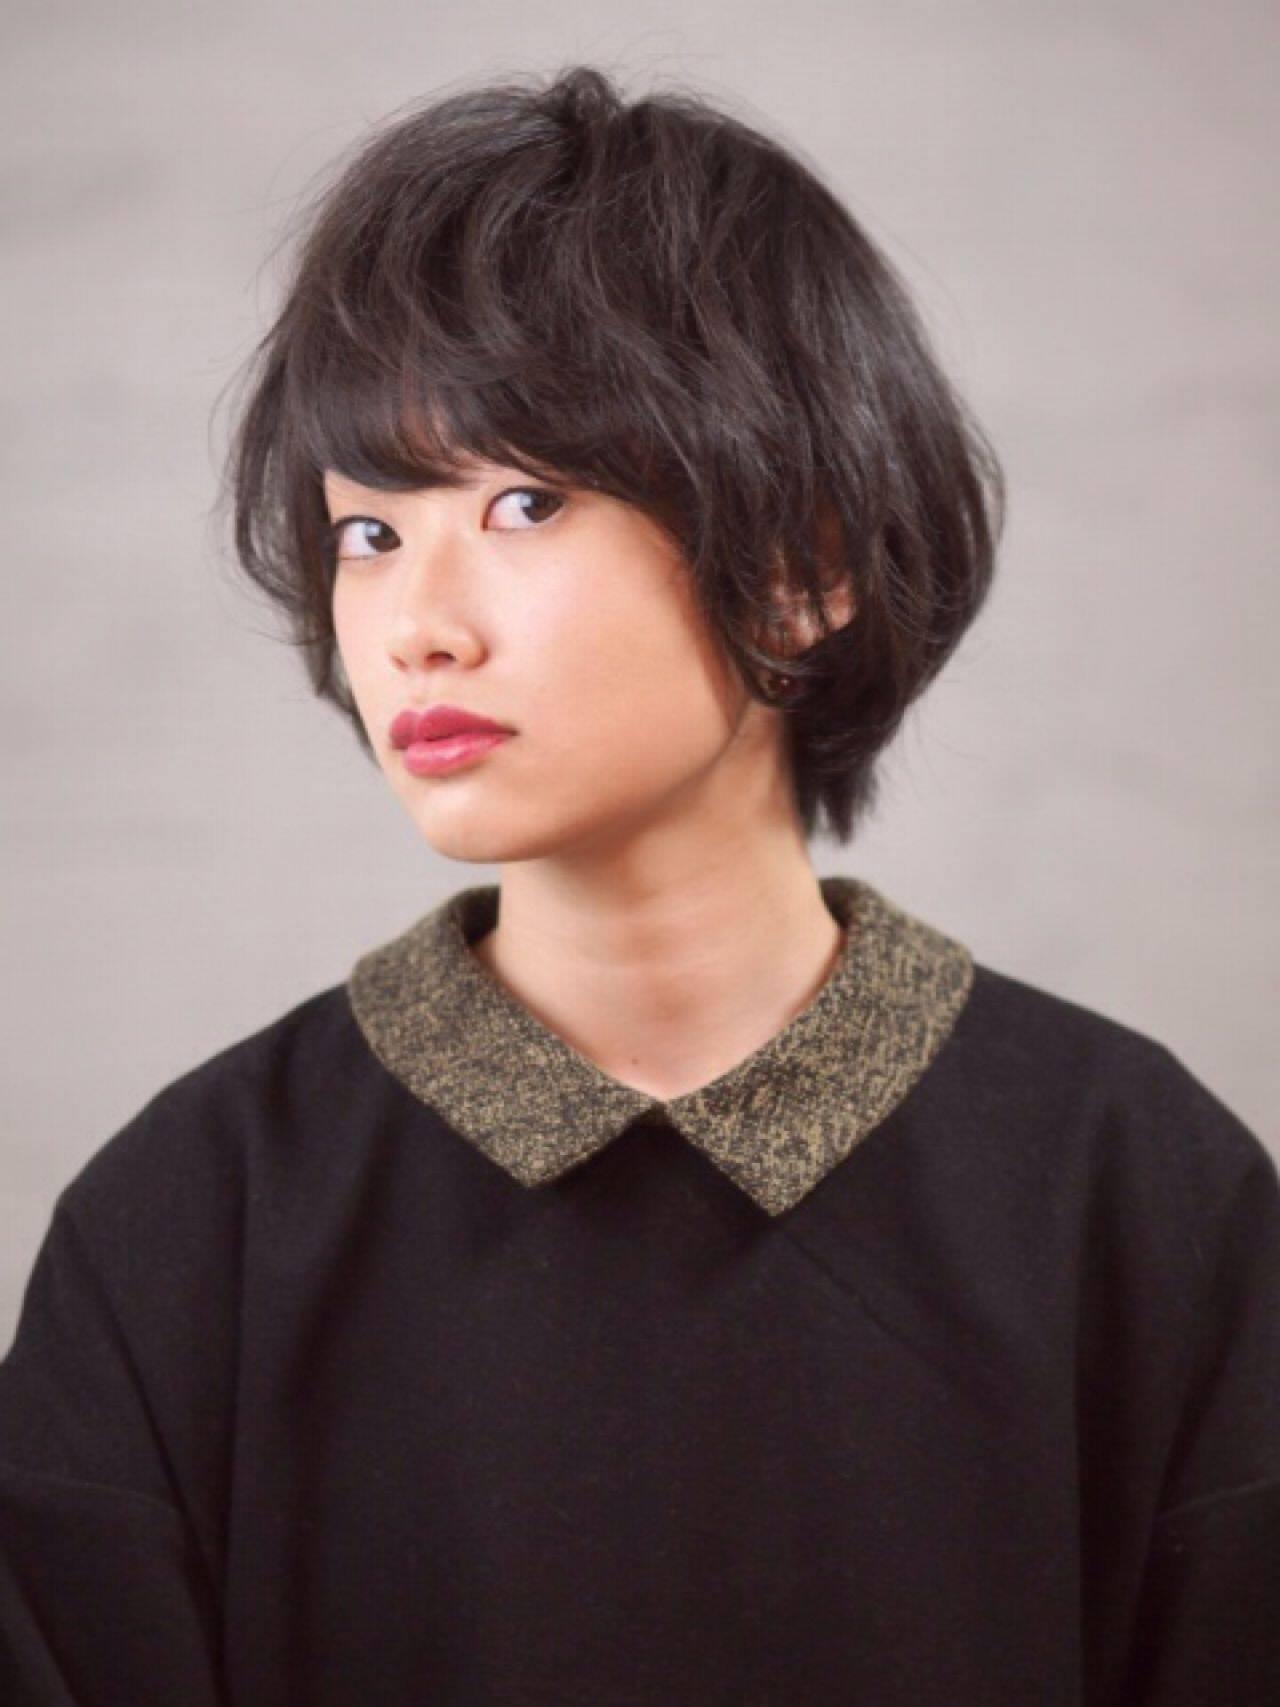 ナチュラル 黒髪 卵型 ショートヘアスタイルや髪型の写真・画像